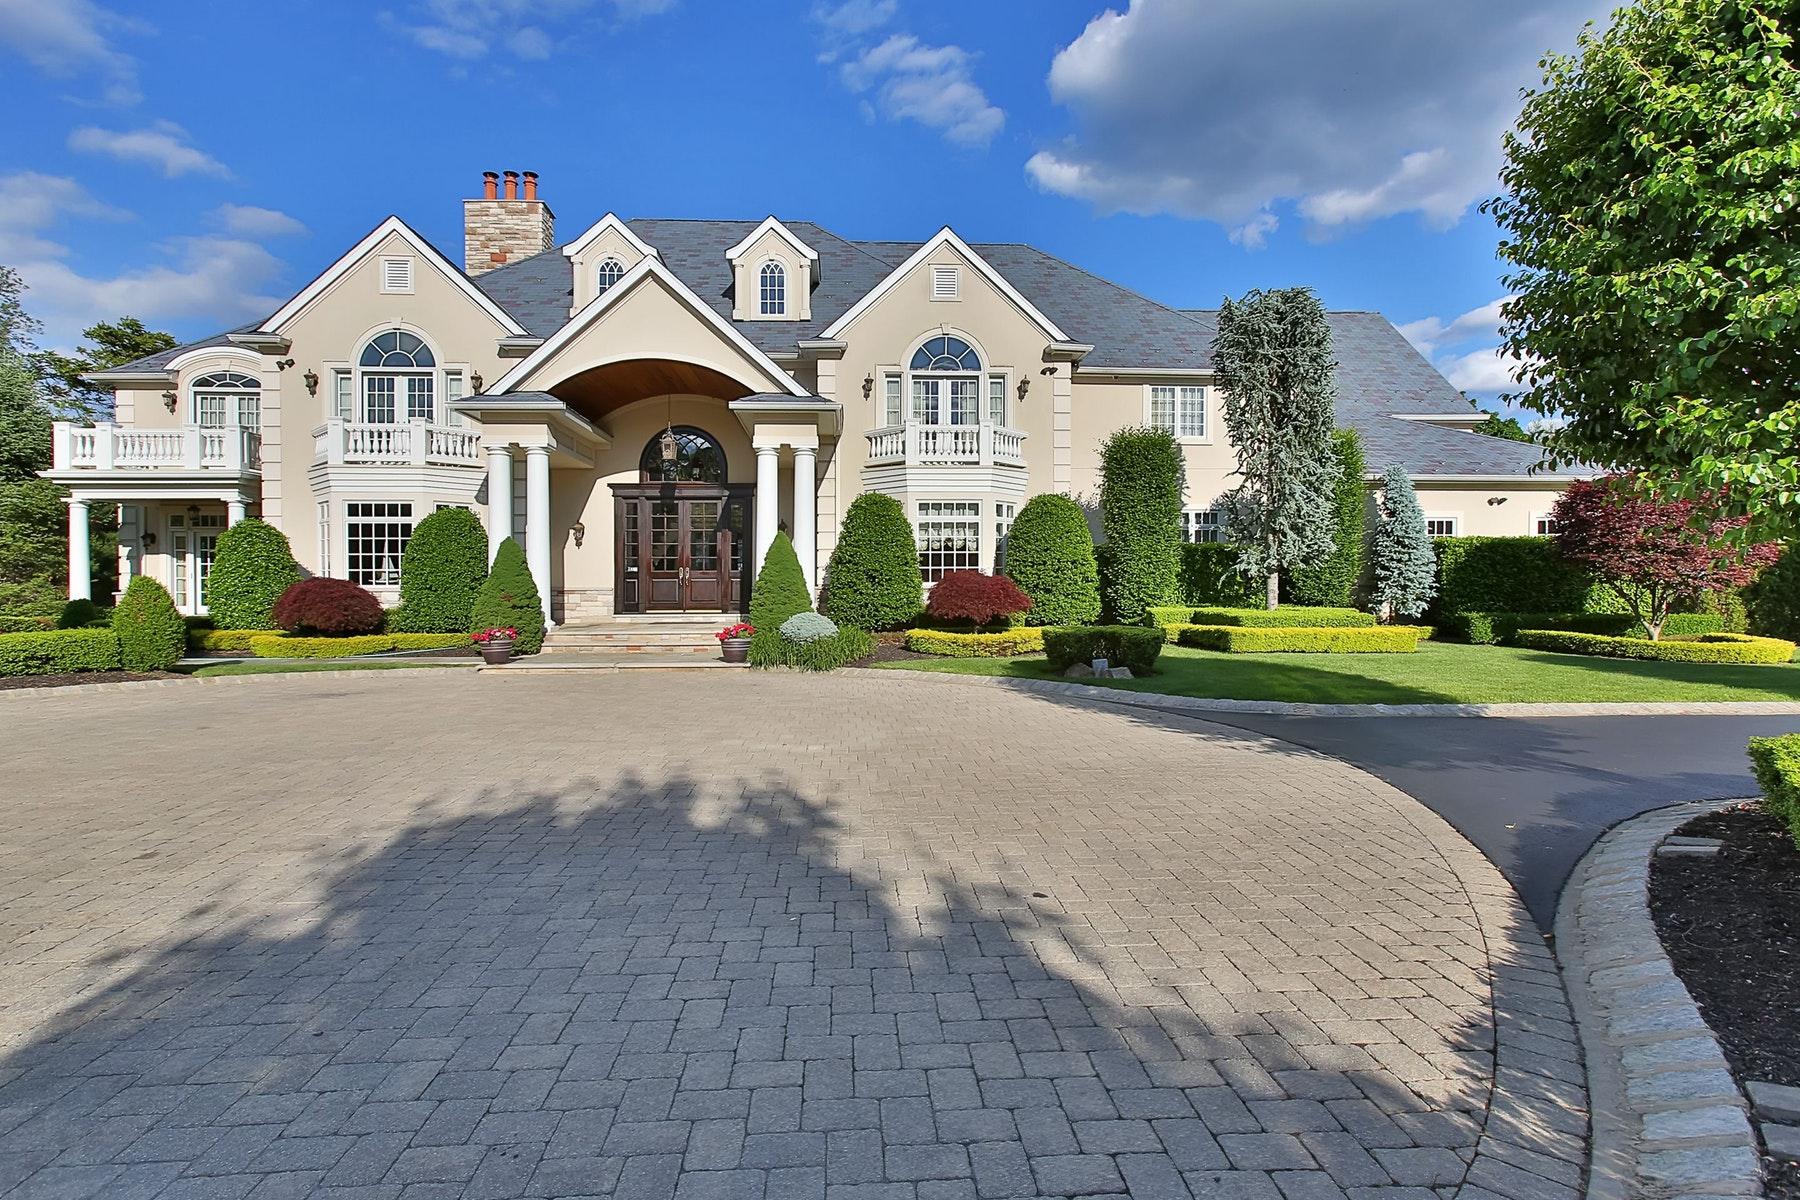 Single Family Homes por un Venta en Whipporwill Valley Estate 15 Whipporwill Valley Rd., Middletown, Nueva Jersey 07716 Estados Unidos